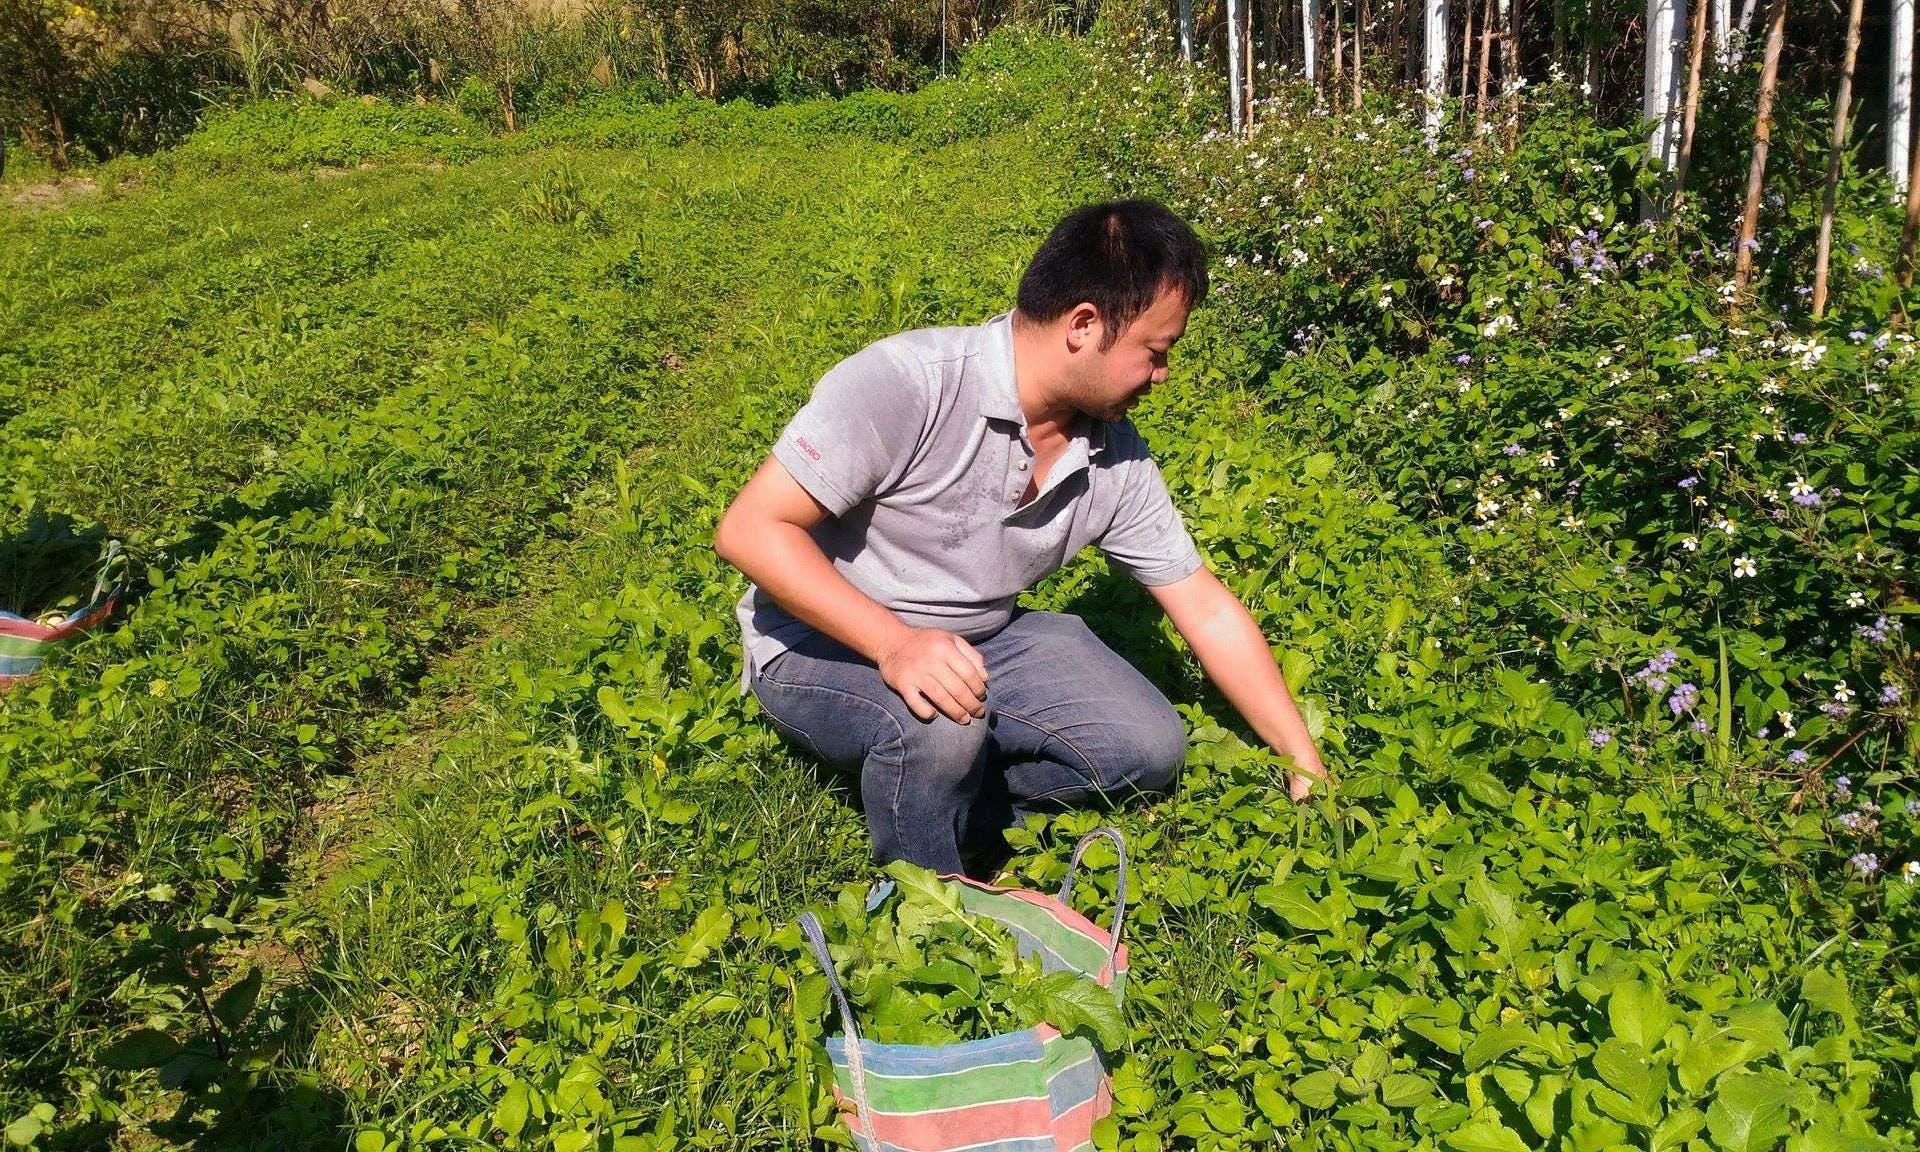 【青春還鄉】從鄉土滋養的初心:許又仁持續深耕的永續農業藍圖